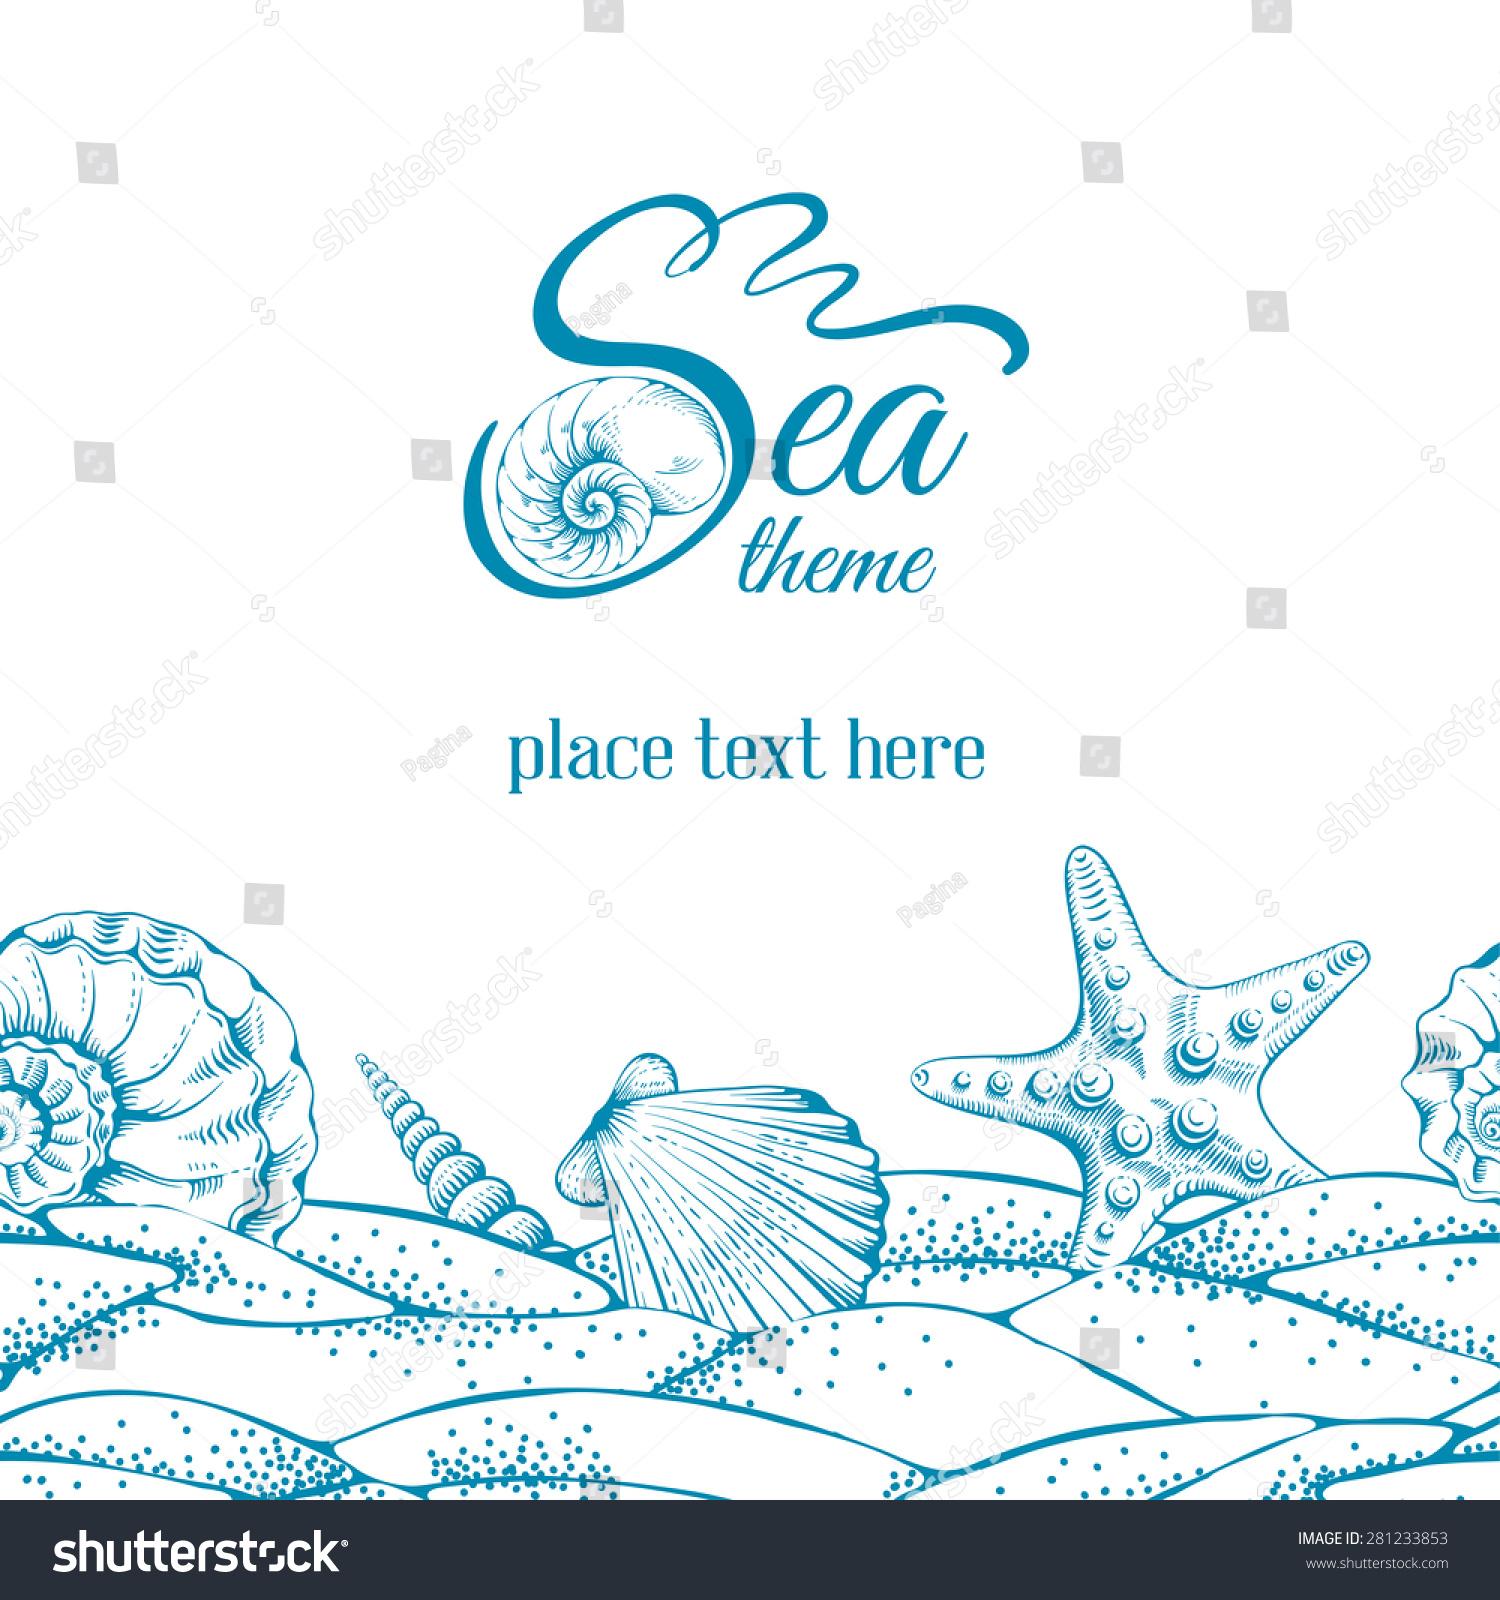 summer sea background sand seashells sea stock vector  summer sea background sand seashells and sea star vector drawn in technique